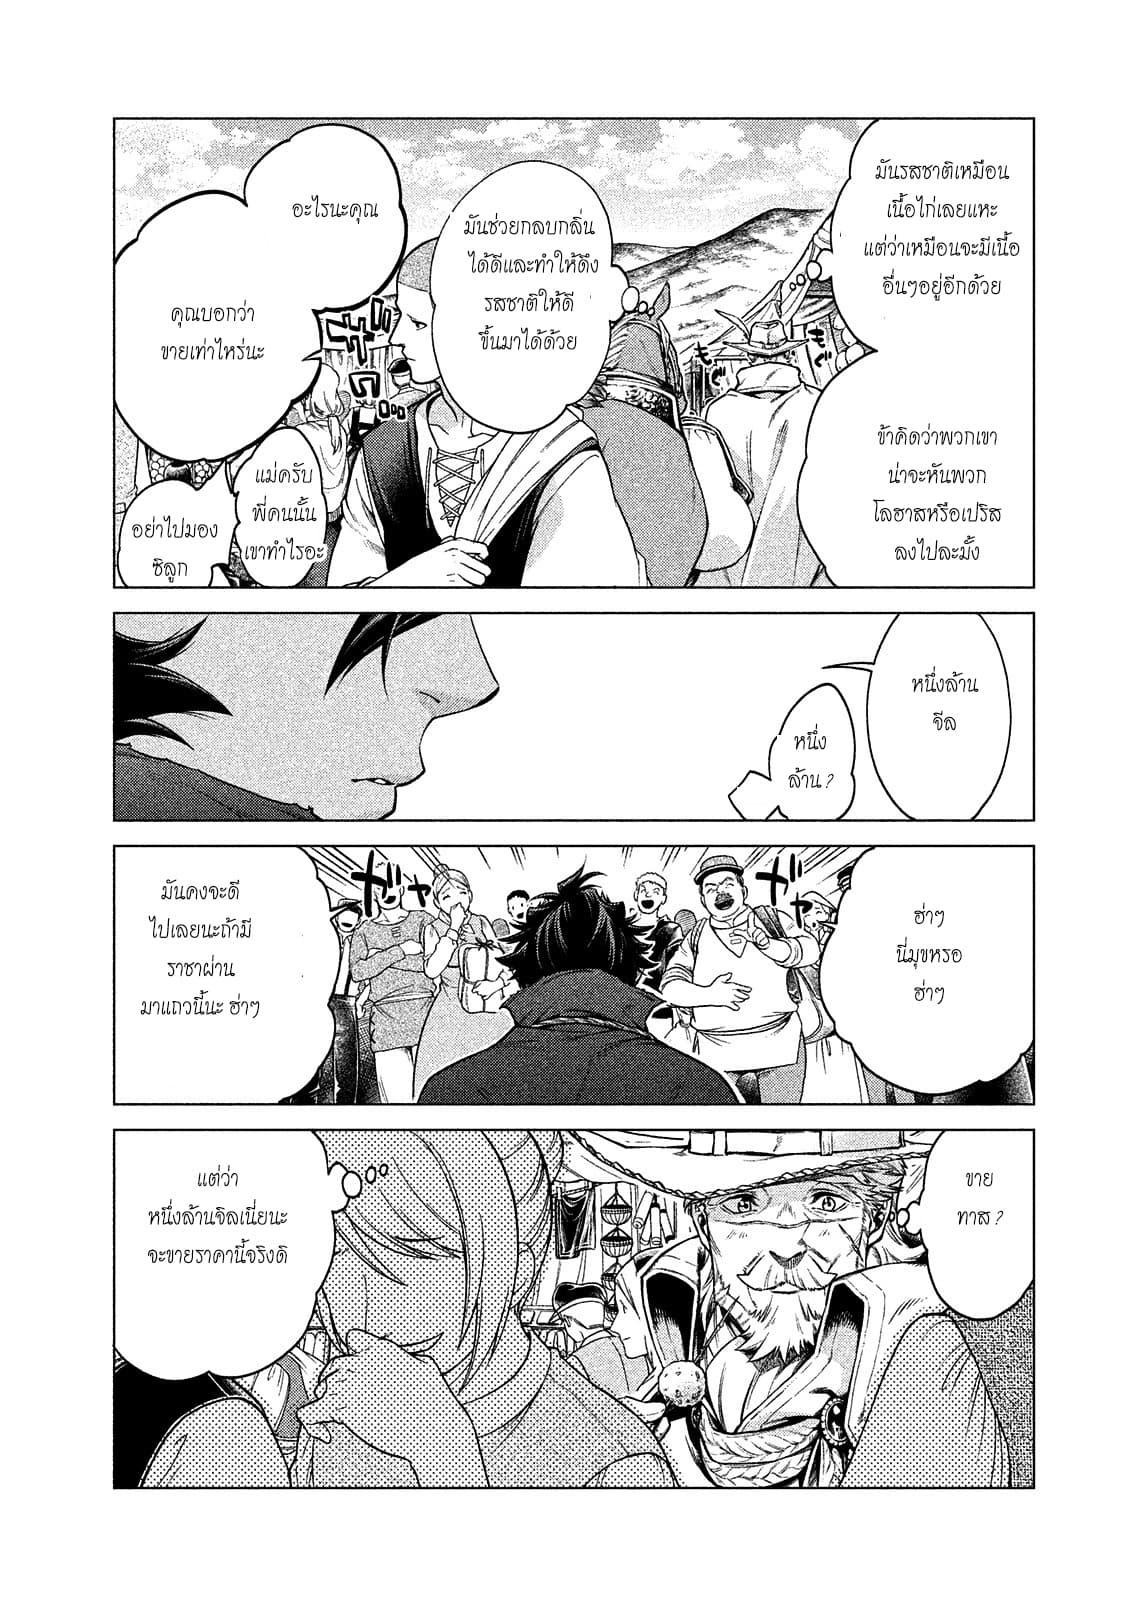 อ่านการ์ตูน Henkyou no Roukishi - Bard Loen ตอนที่ 6 หน้าที่ 4